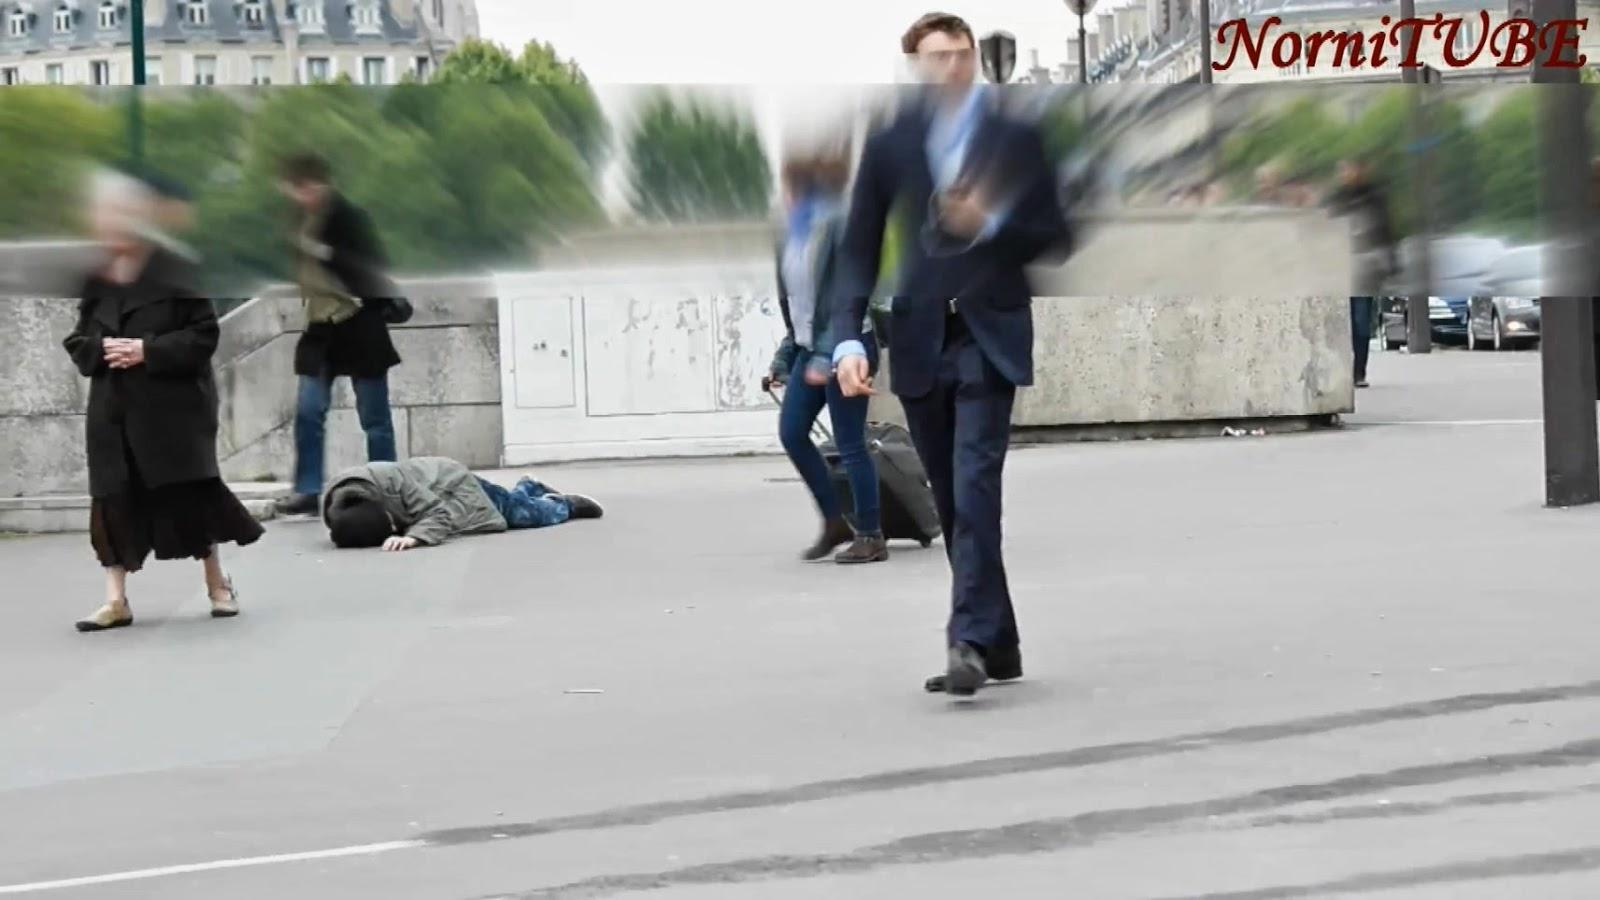 貌似遊民的男子倒下無人搭理